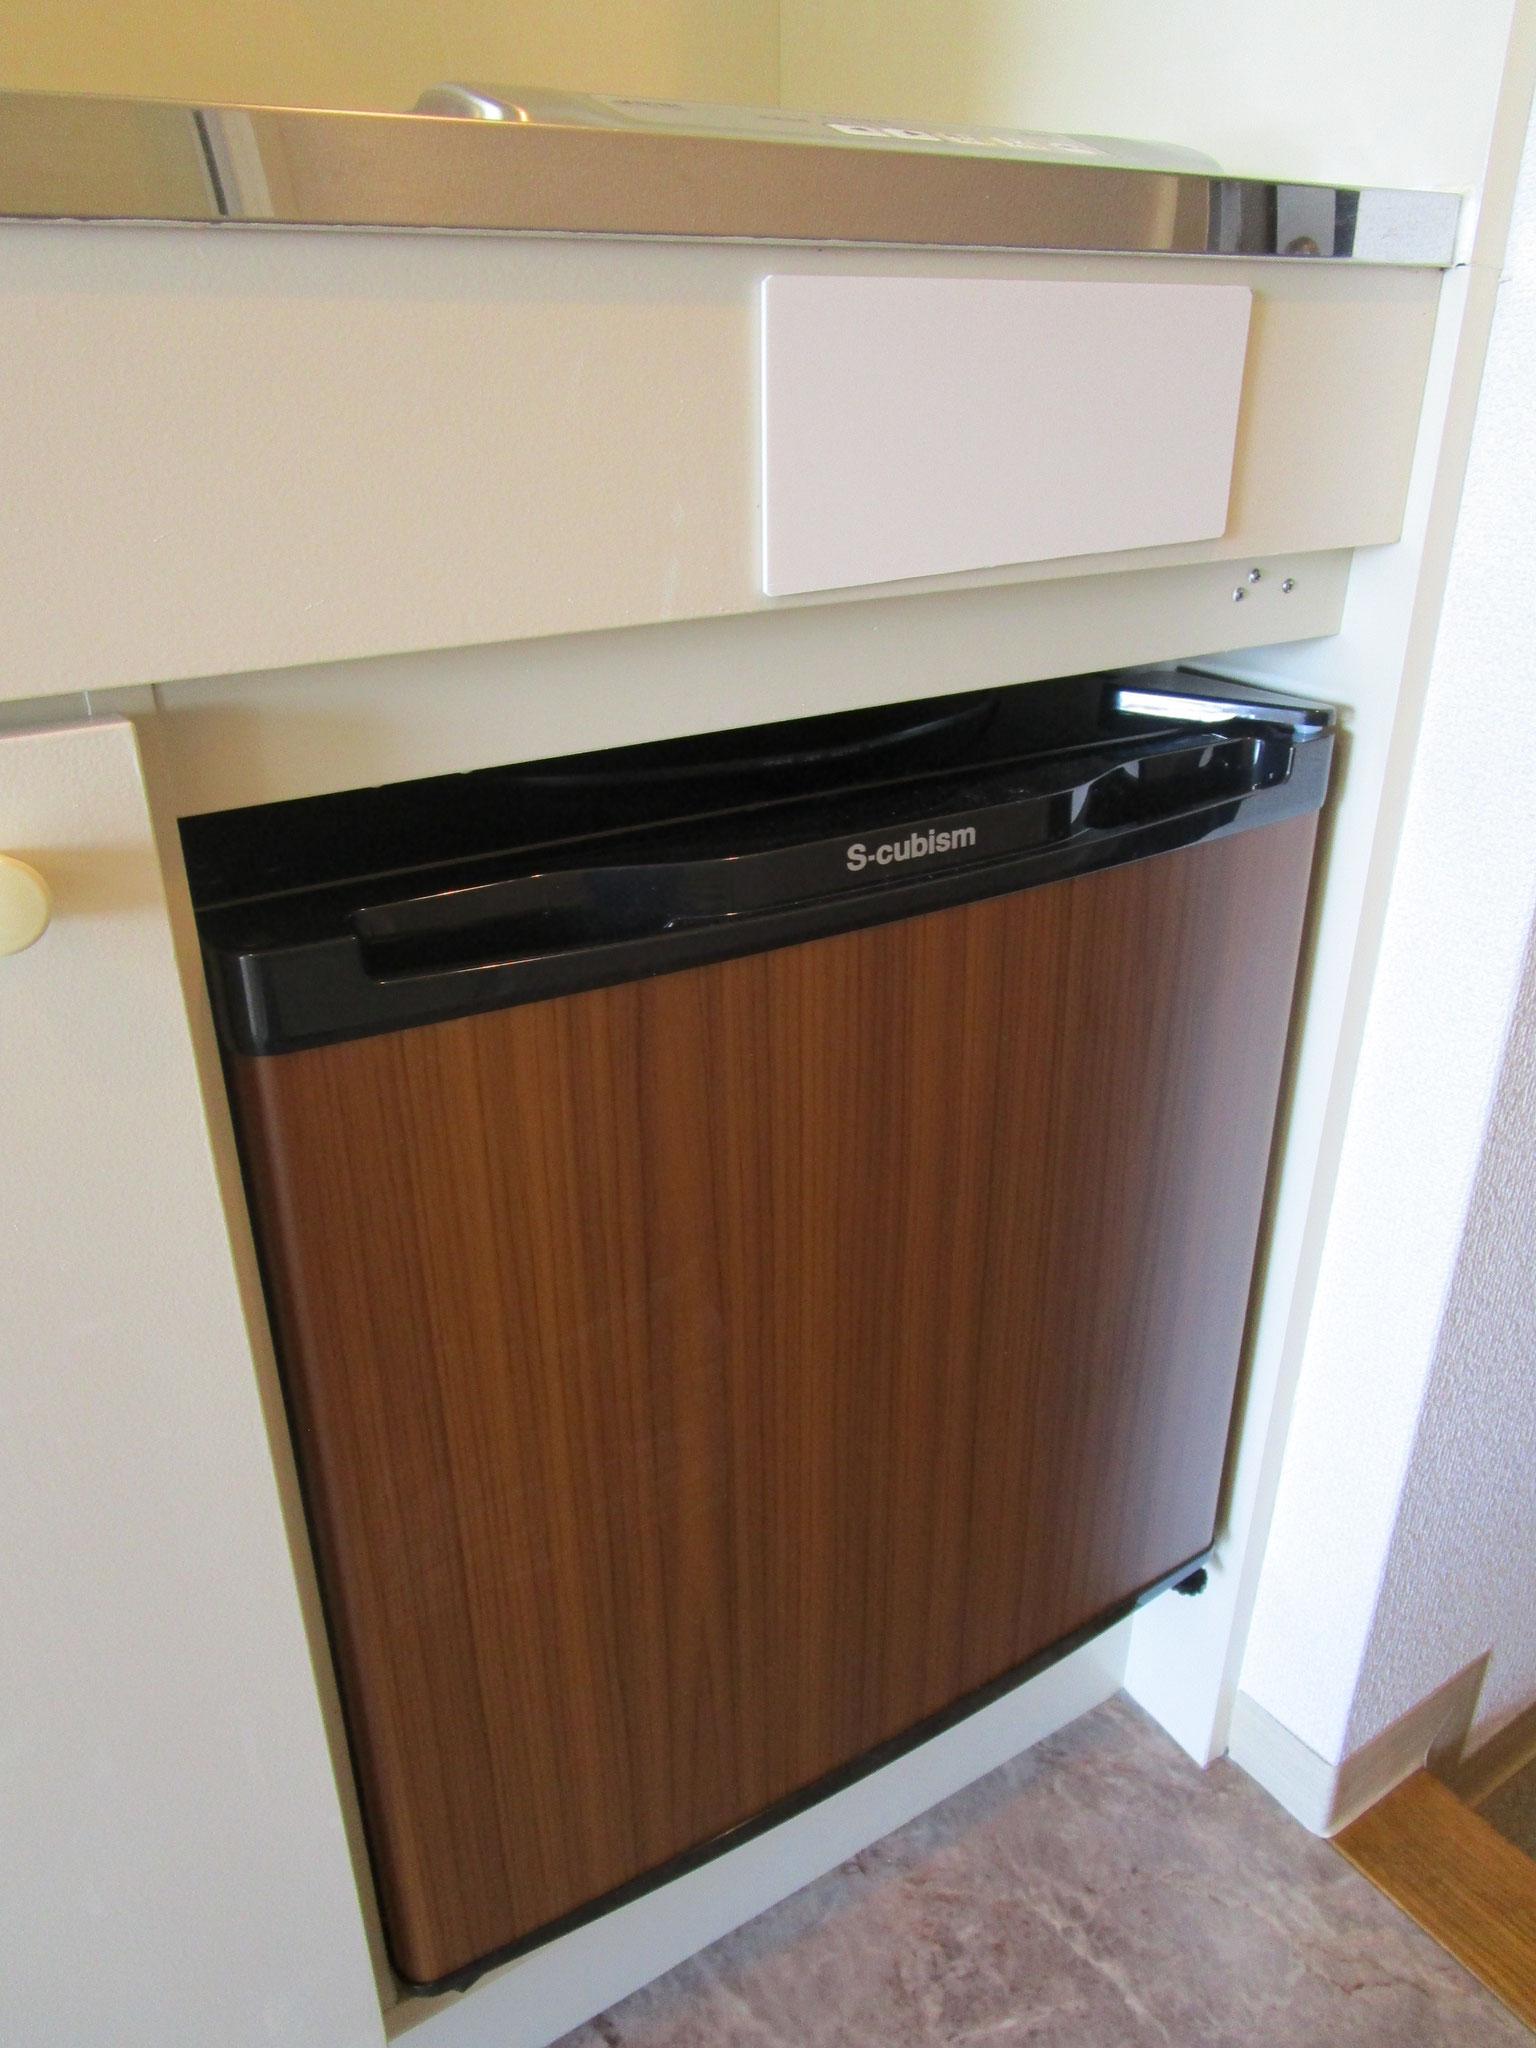 その下のミニ冷蔵庫も新規交換